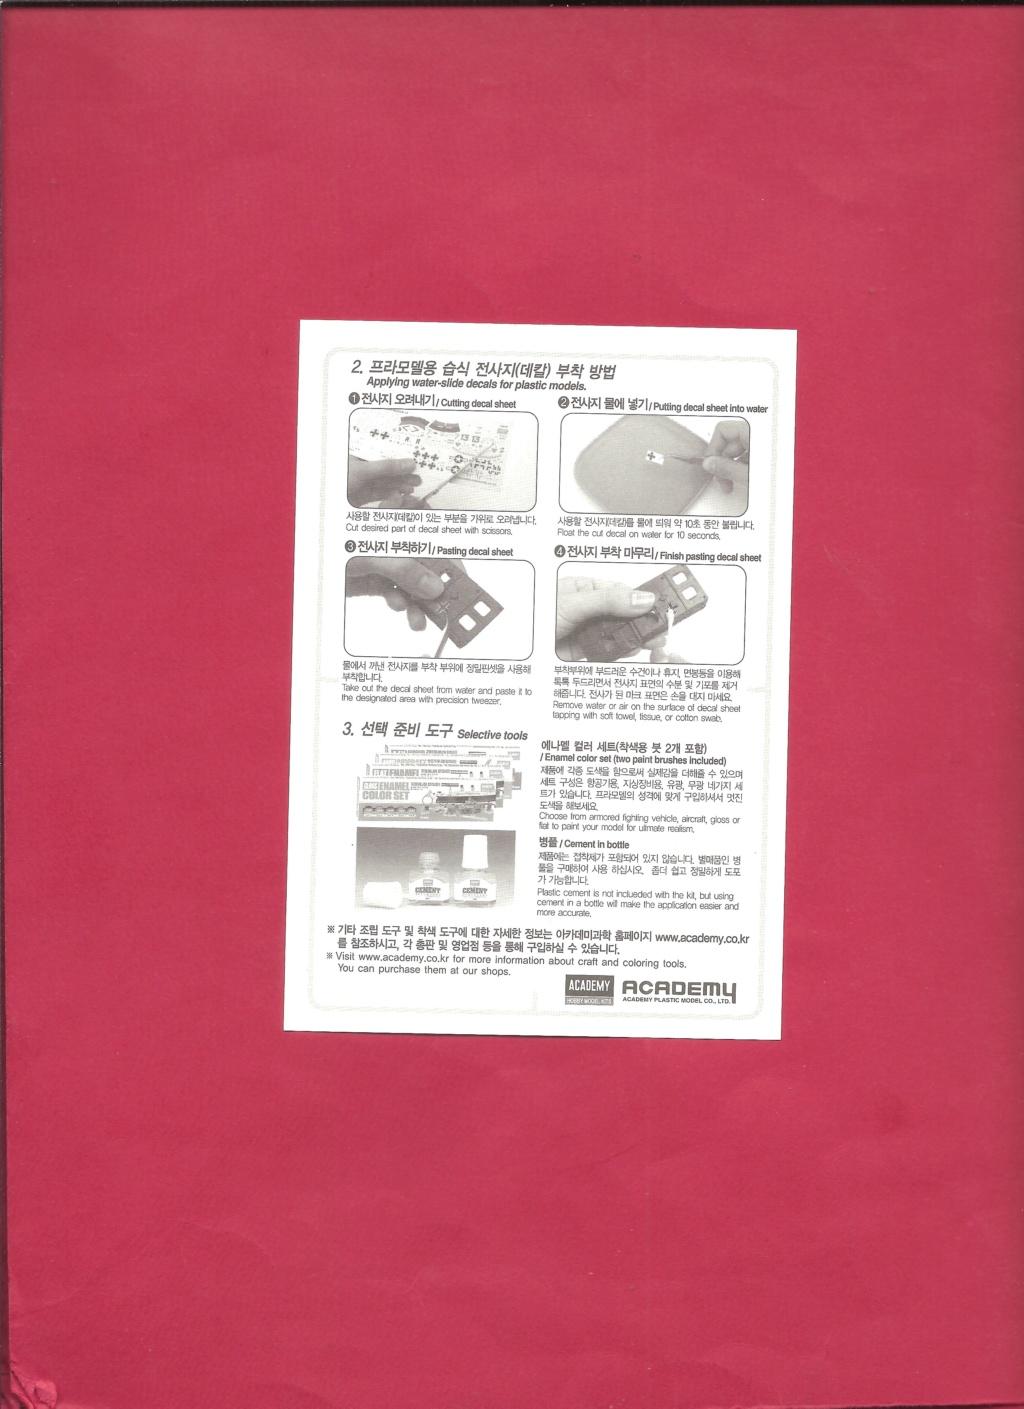 [ACADEMY]  M113A1 Guerre du VIETNAM 1/35ème Réf 1389 Notice Academ42